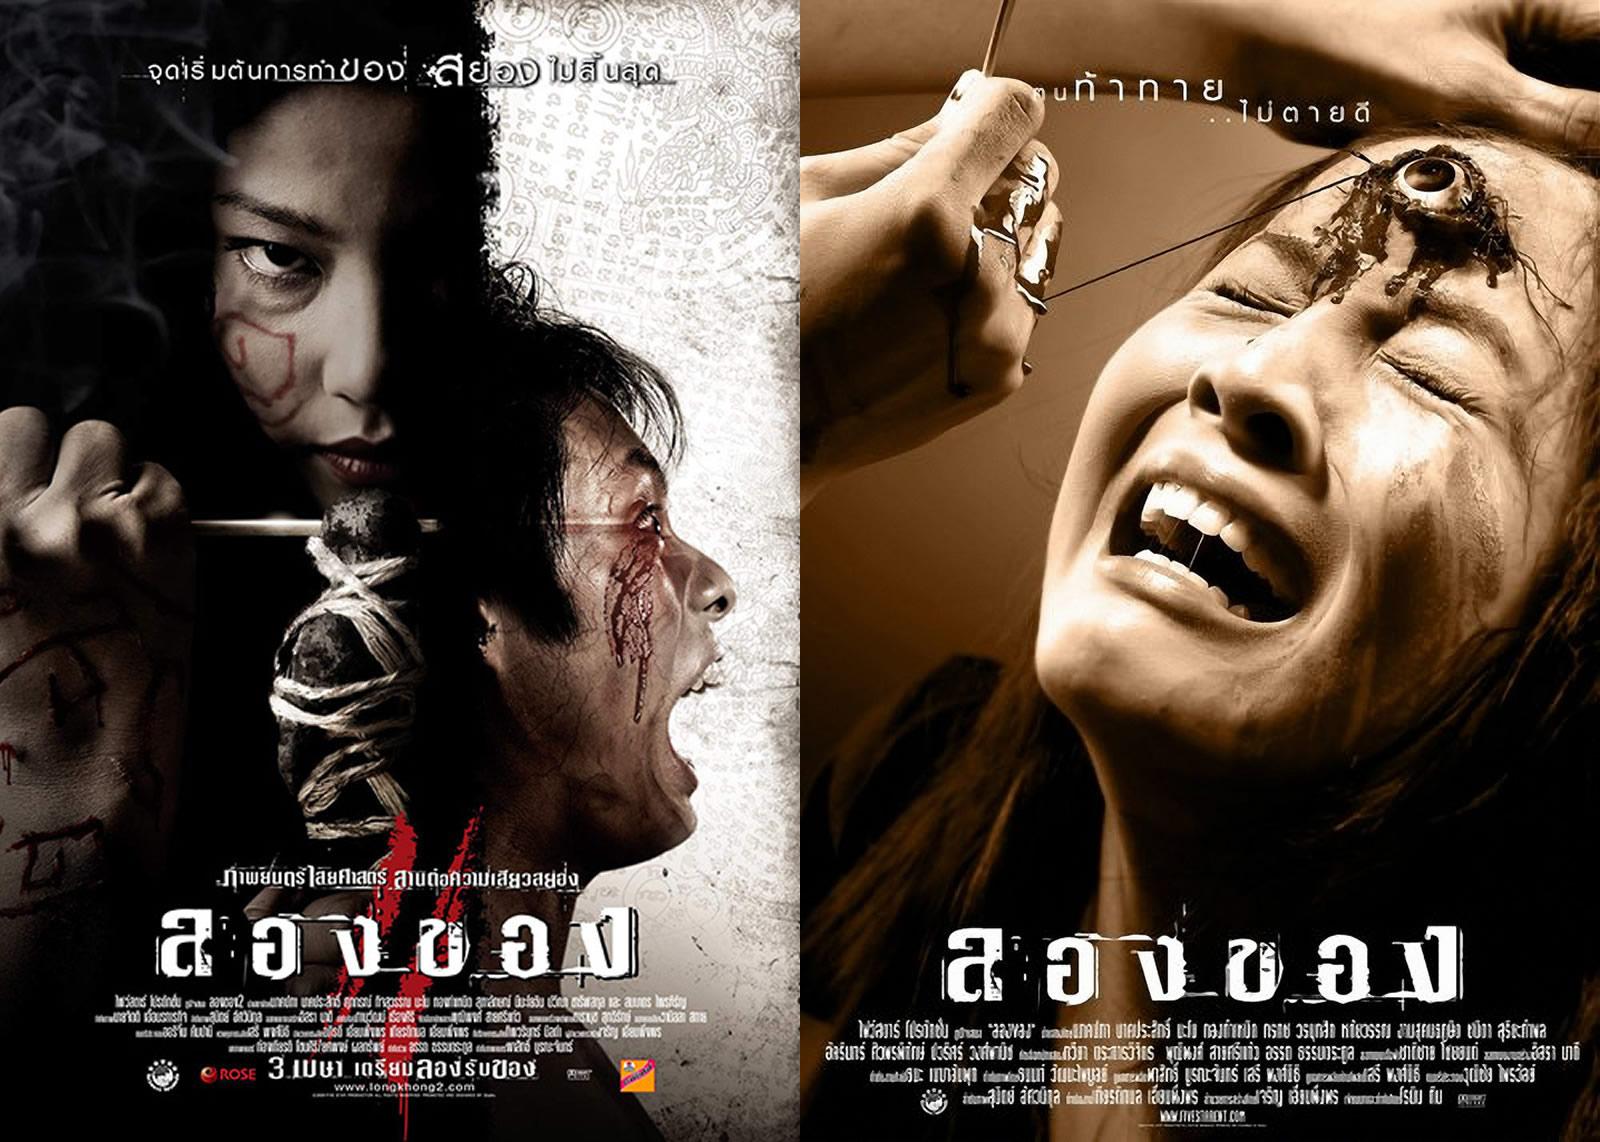 タイ恐怖映画「三眼ノ村 黒魔術の章」「三眼ノ村 輪廻の章」、カリコレ2021で上映